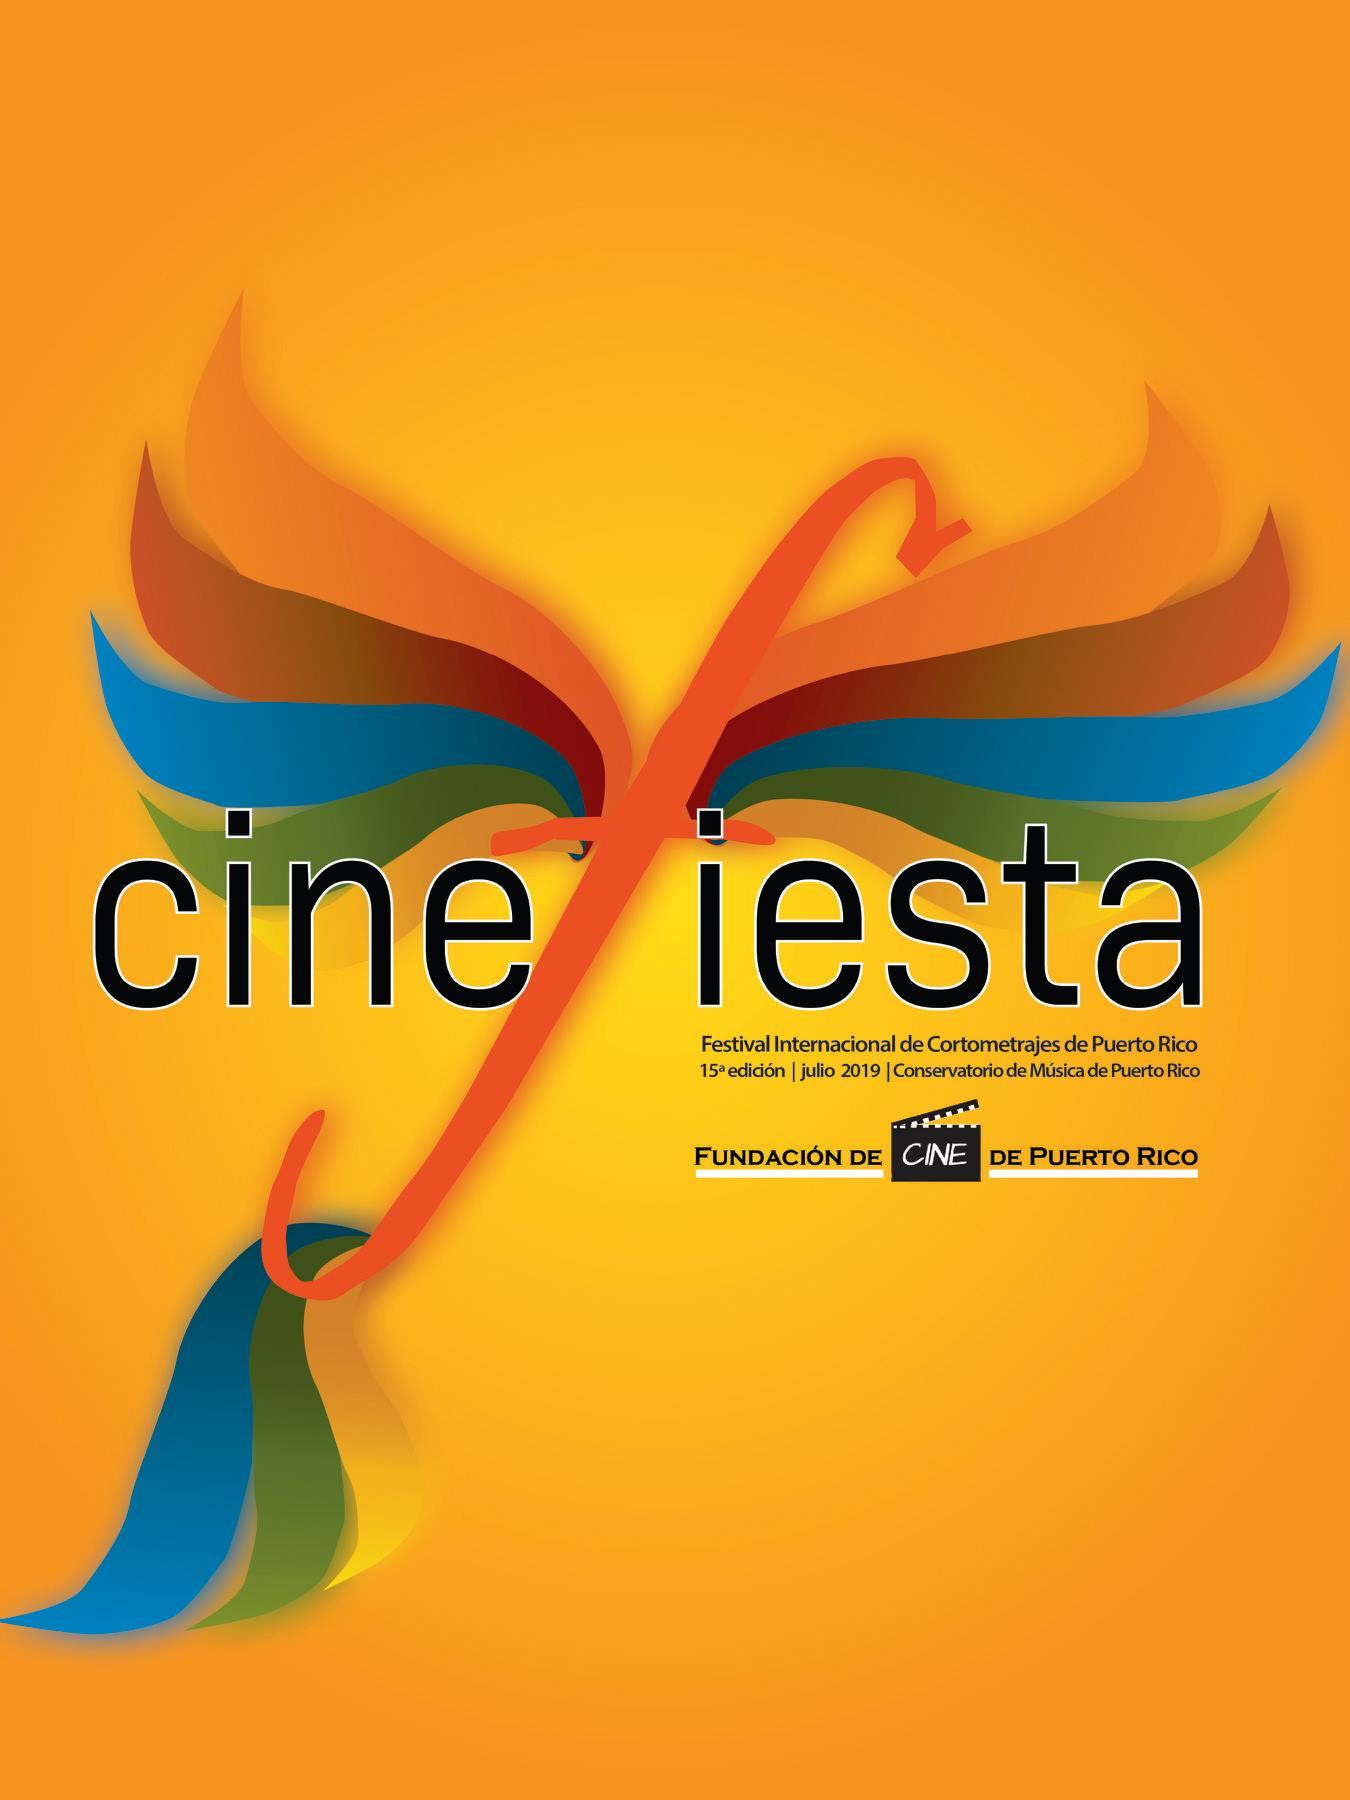 cinefiesta_poster.jpg